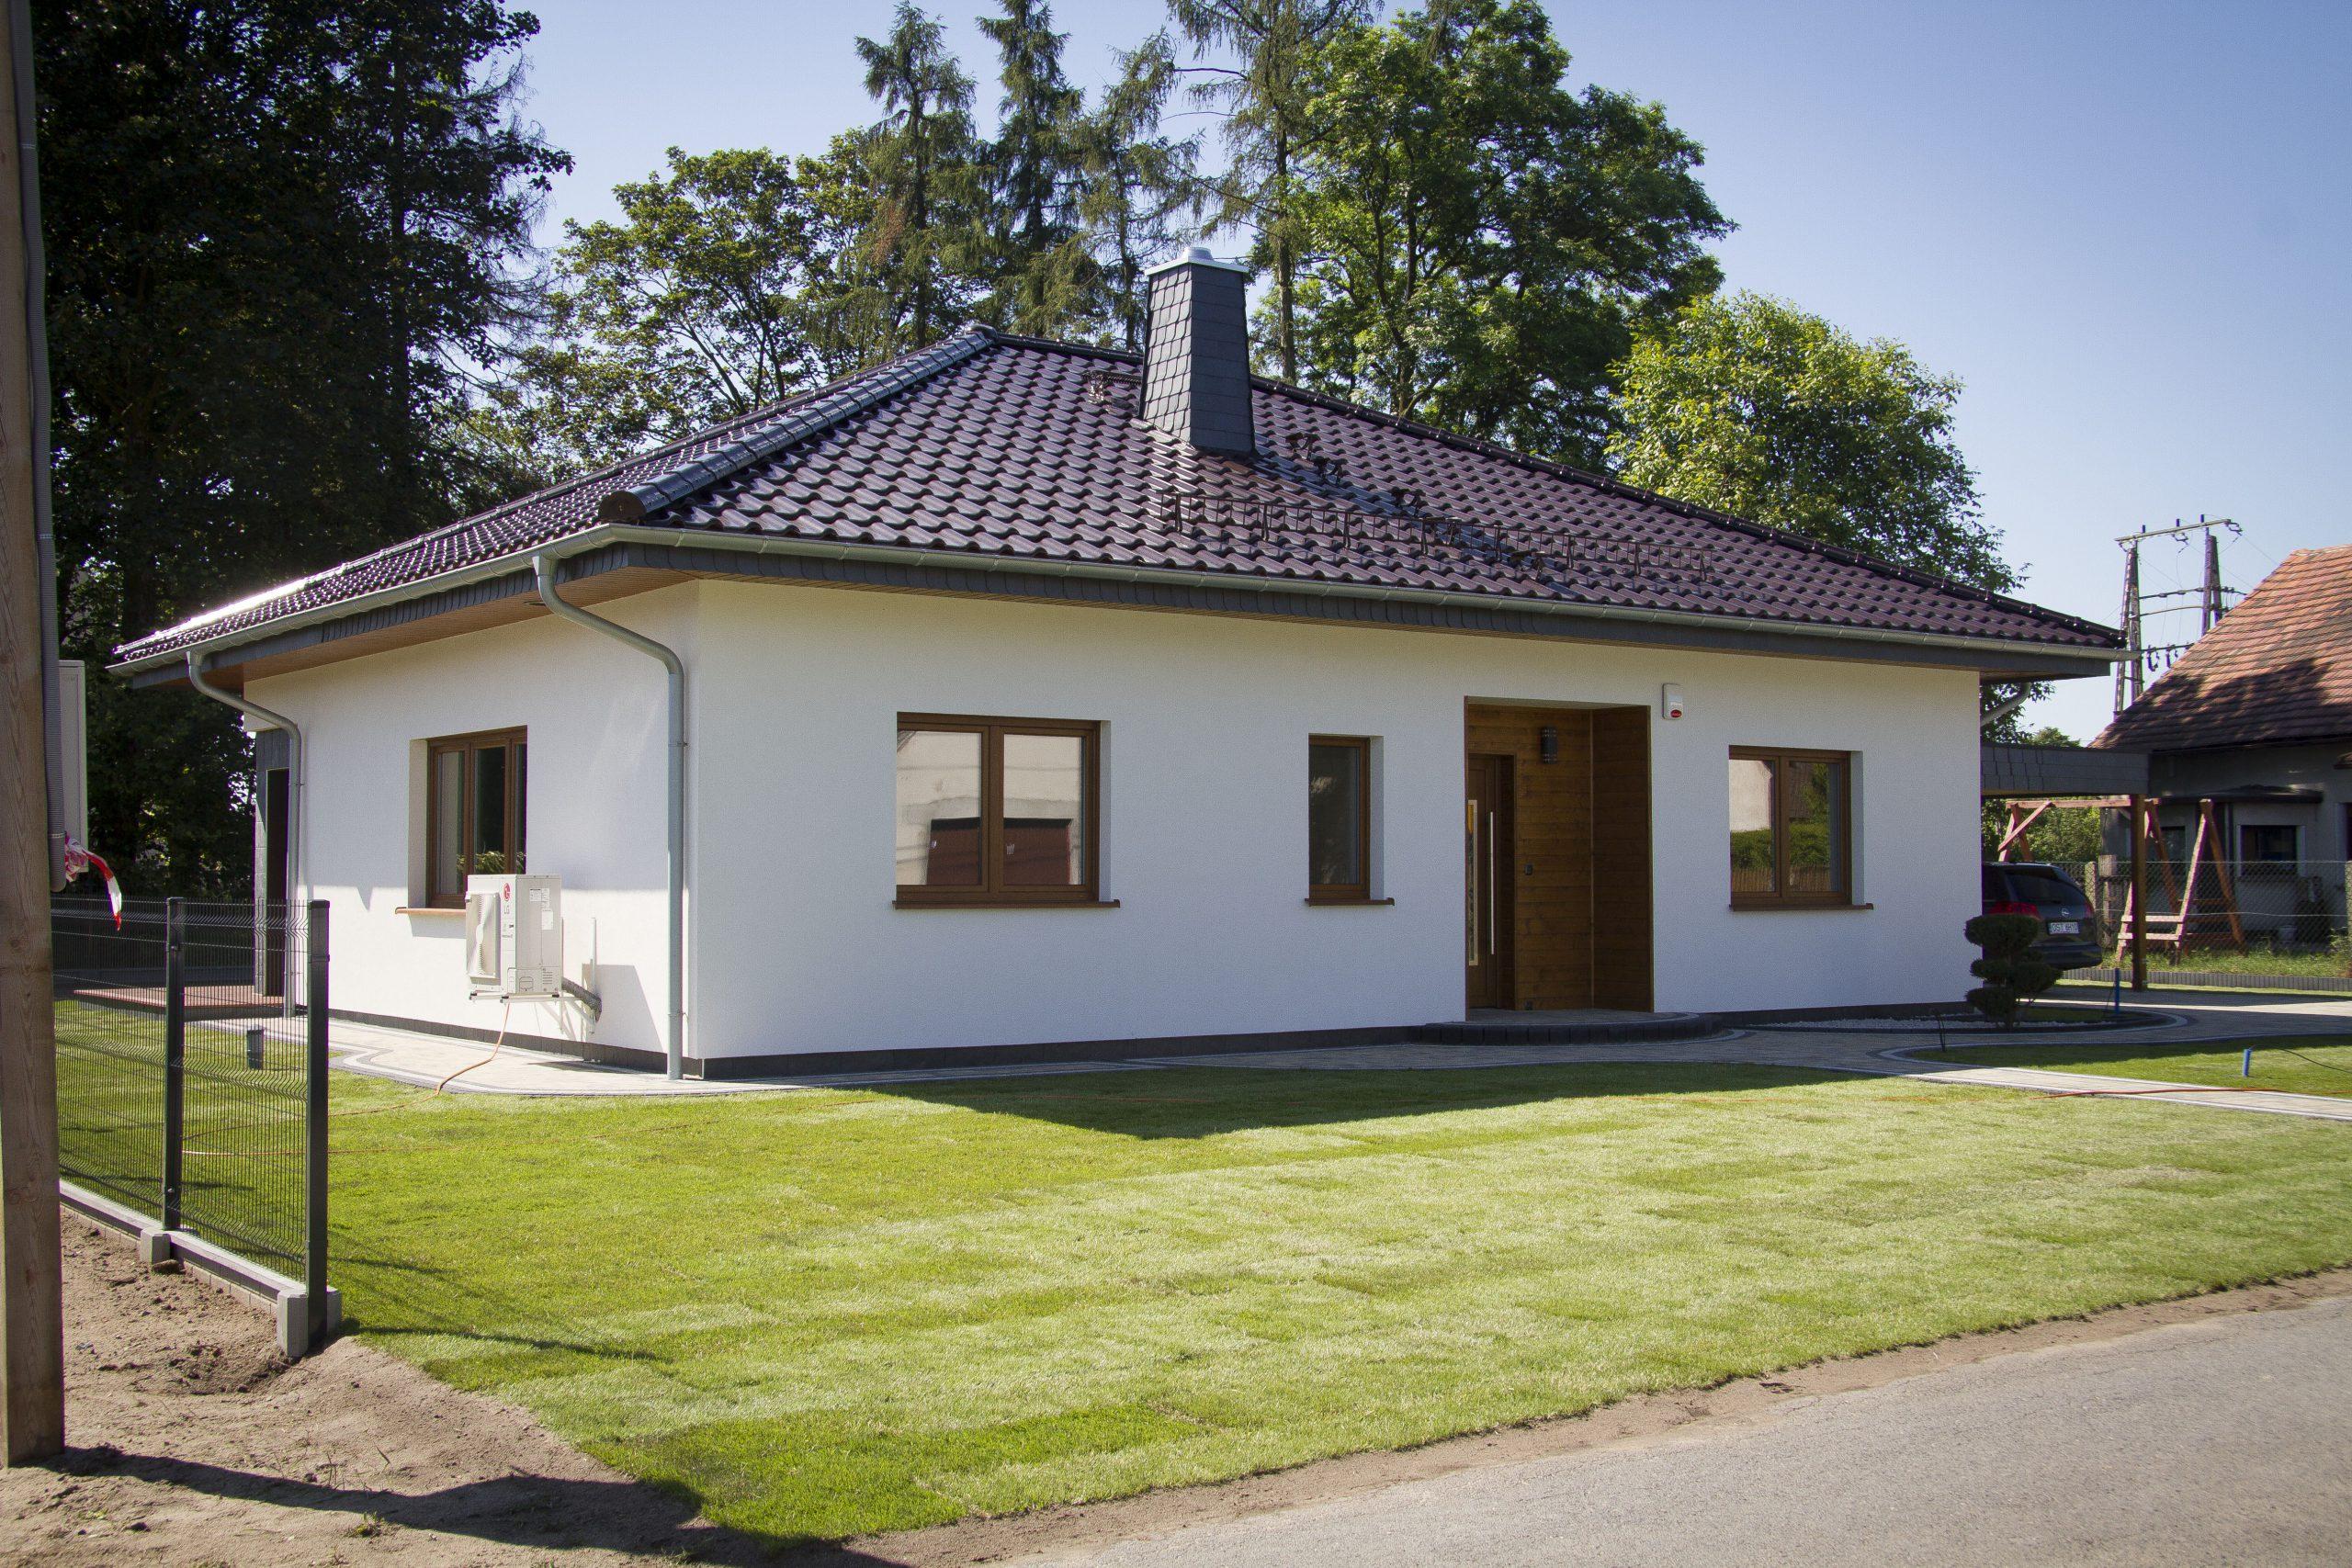 Rośnie popularność na domy prefabrykowane.